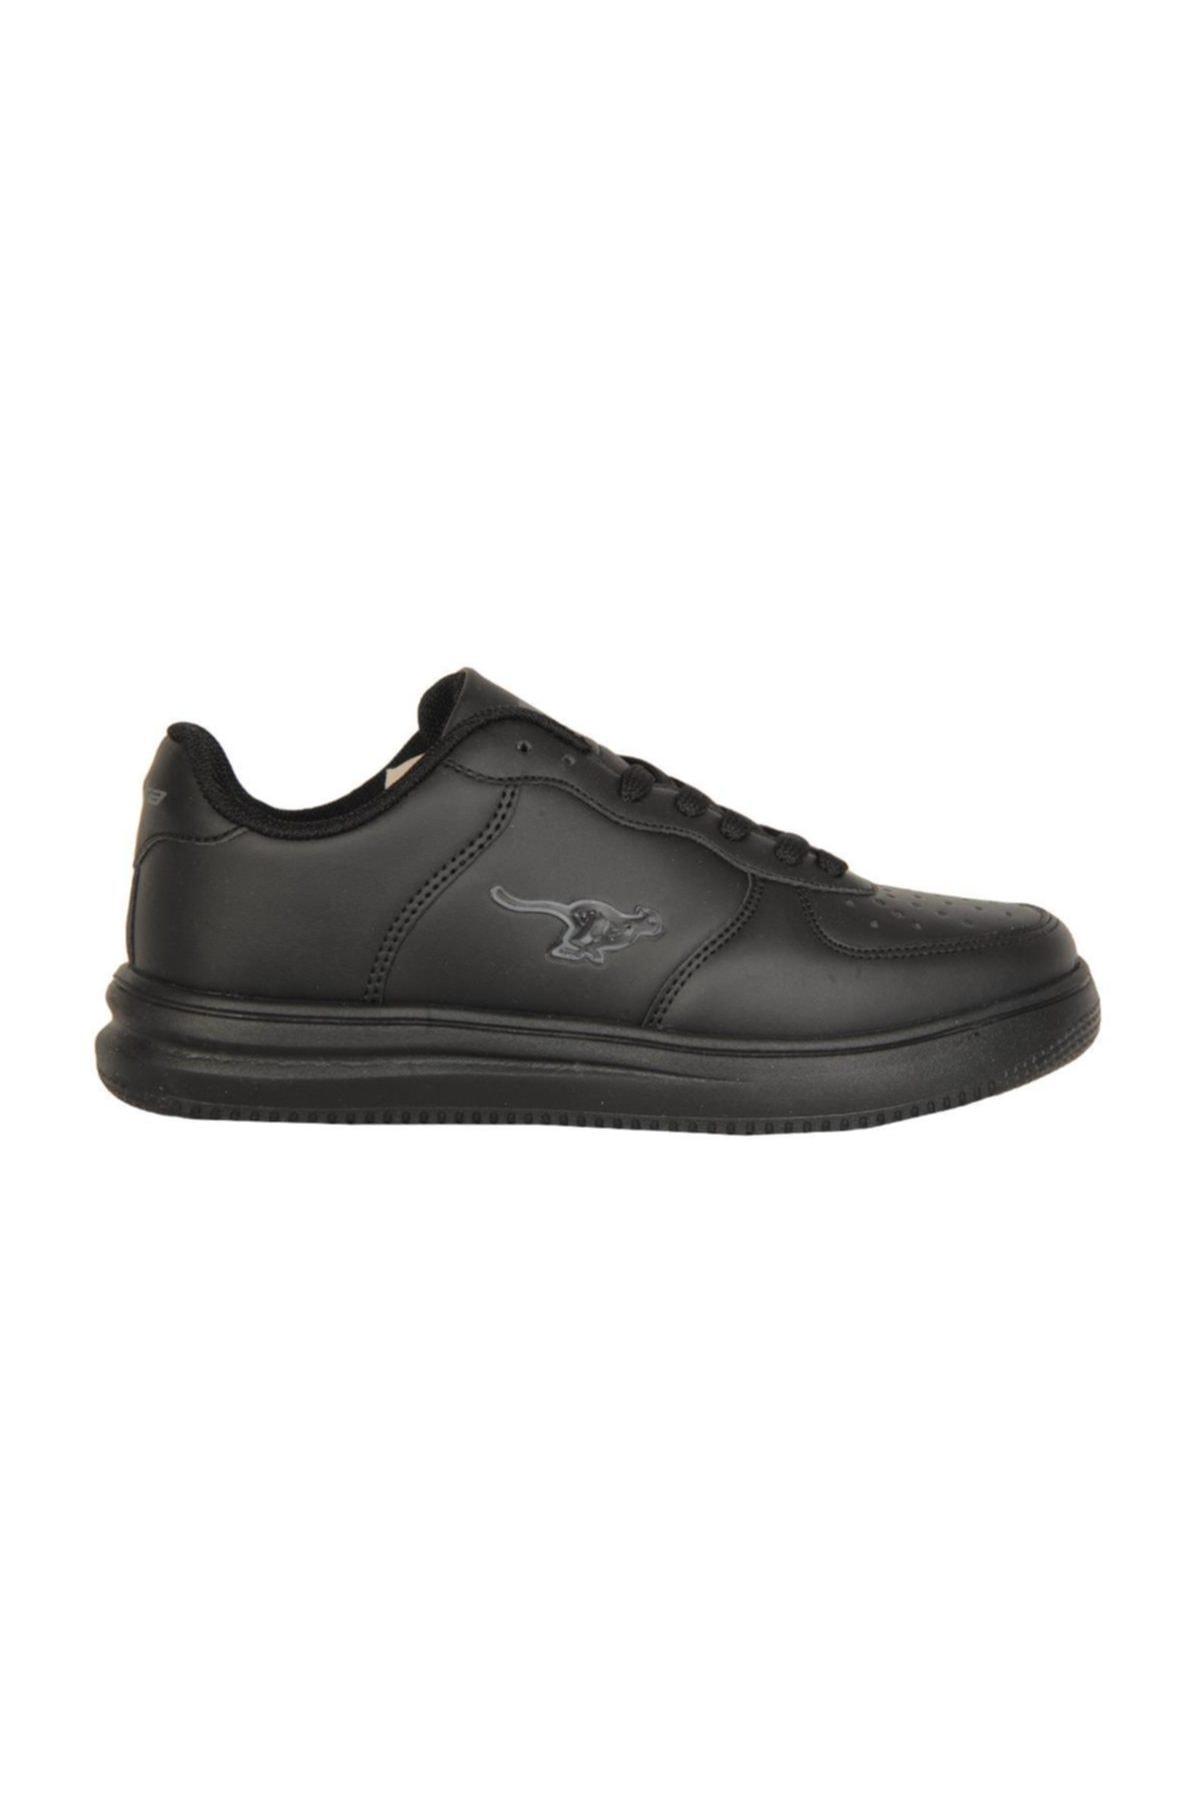 Cheta C042 Siyah Günlük Yürüyüş Kadın Spor Ayakkabı 1